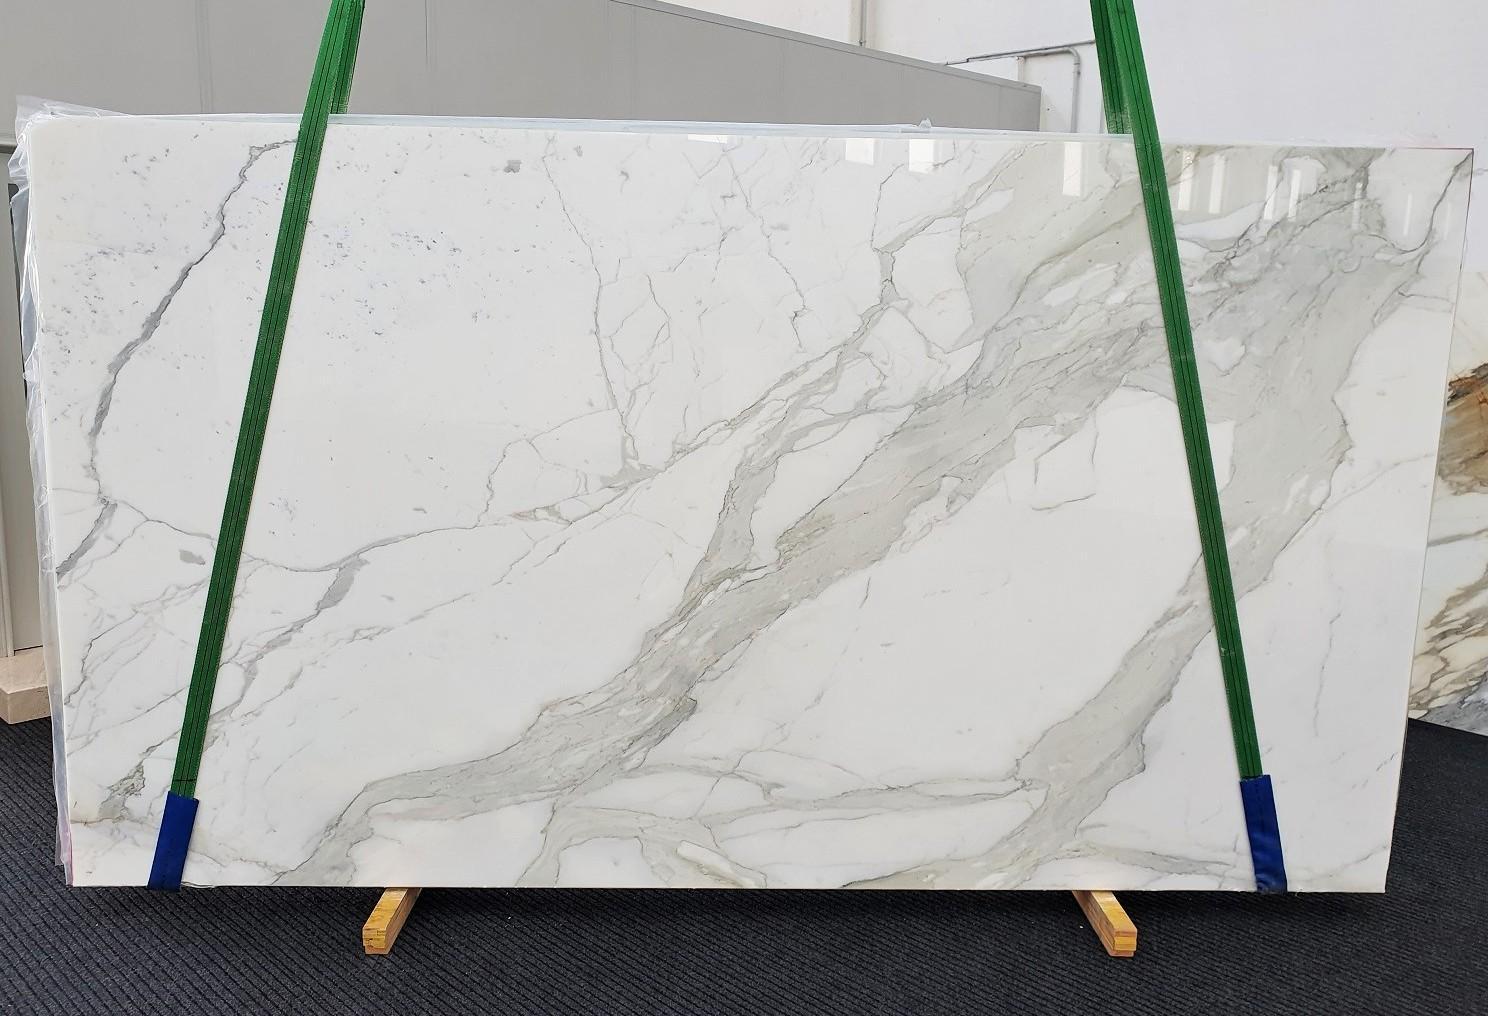 CALACATTA ORO EXTRA Suministro Veneto (Italia) de planchas pulidas en mármol natural 1366 , Slab #45